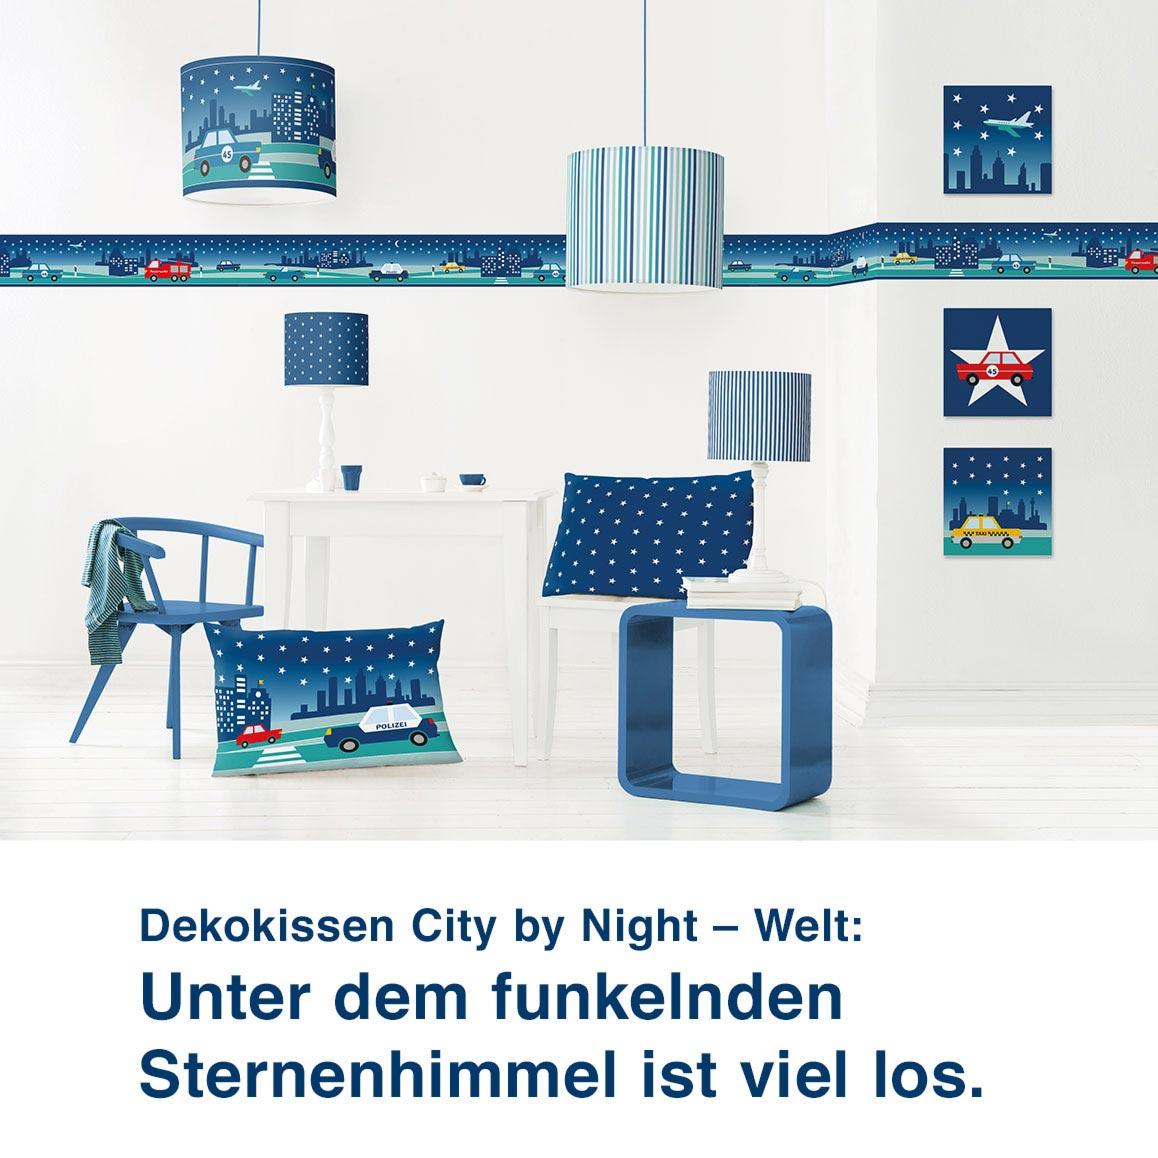 Dekokissen City by Night – Welt:  Unter dem funkelndem  Sternenhimmel ist viel los.